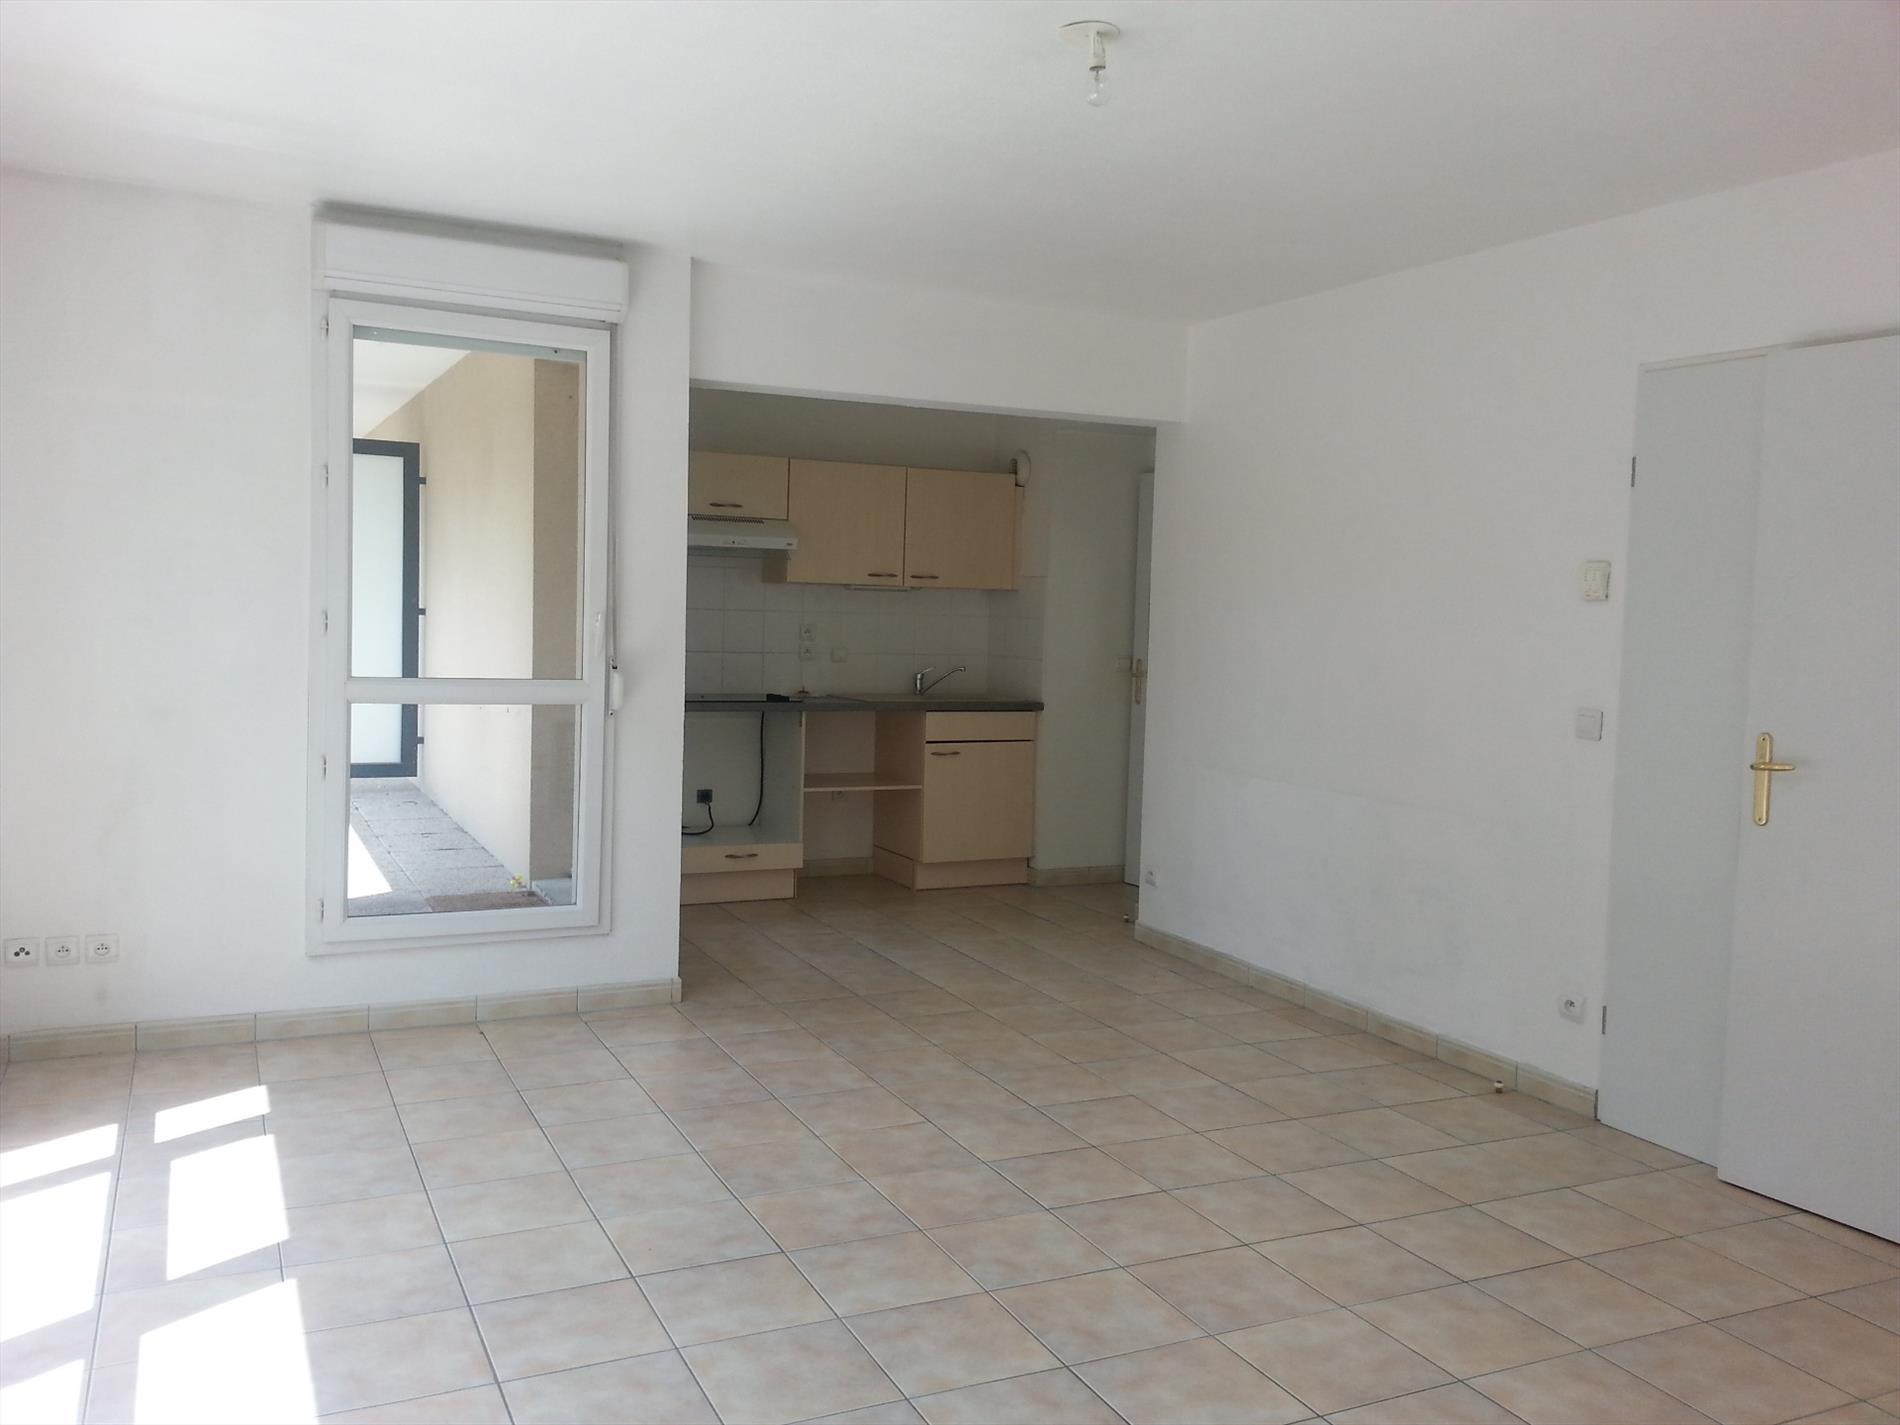 Appartement 3 pièces 68 m2 Saint-Saulve